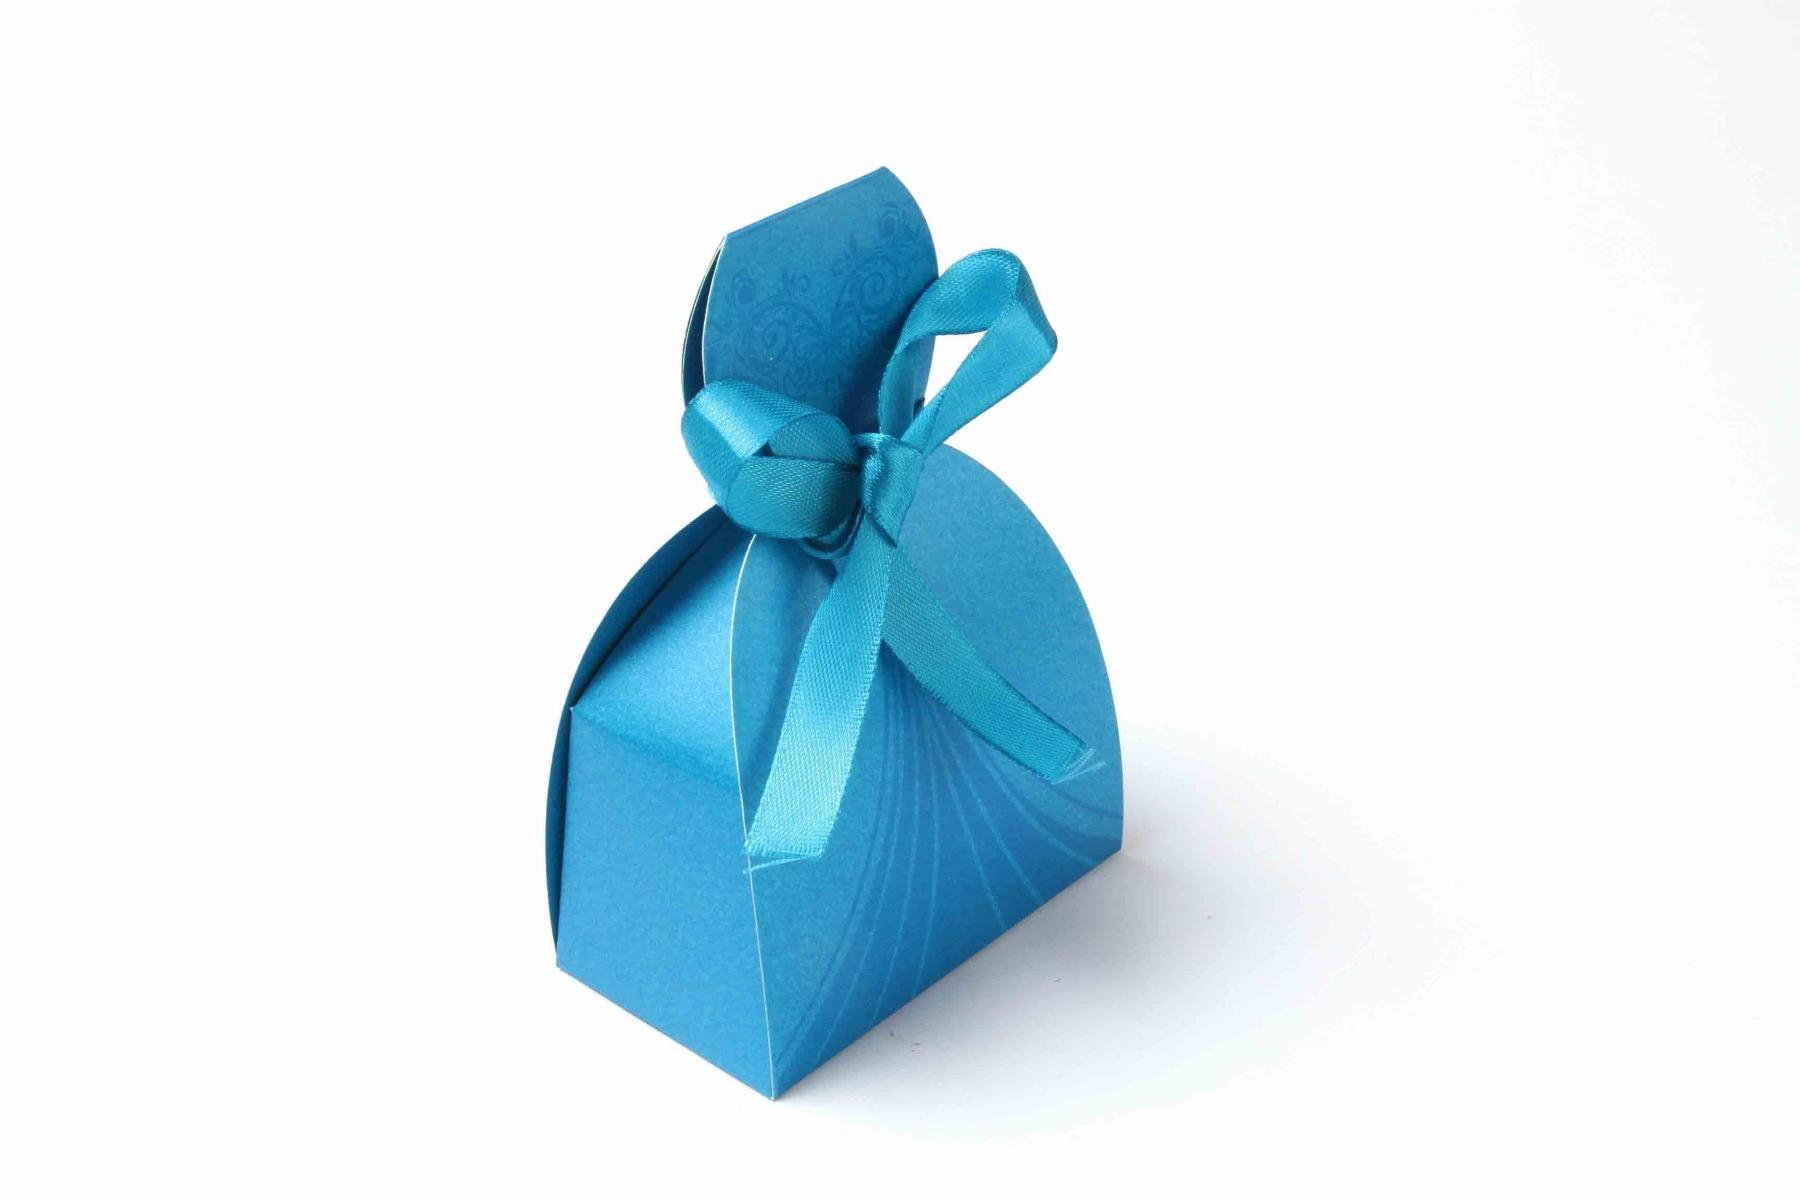 Bridal Dress Favor Box No 7 - Firoze Blue-0